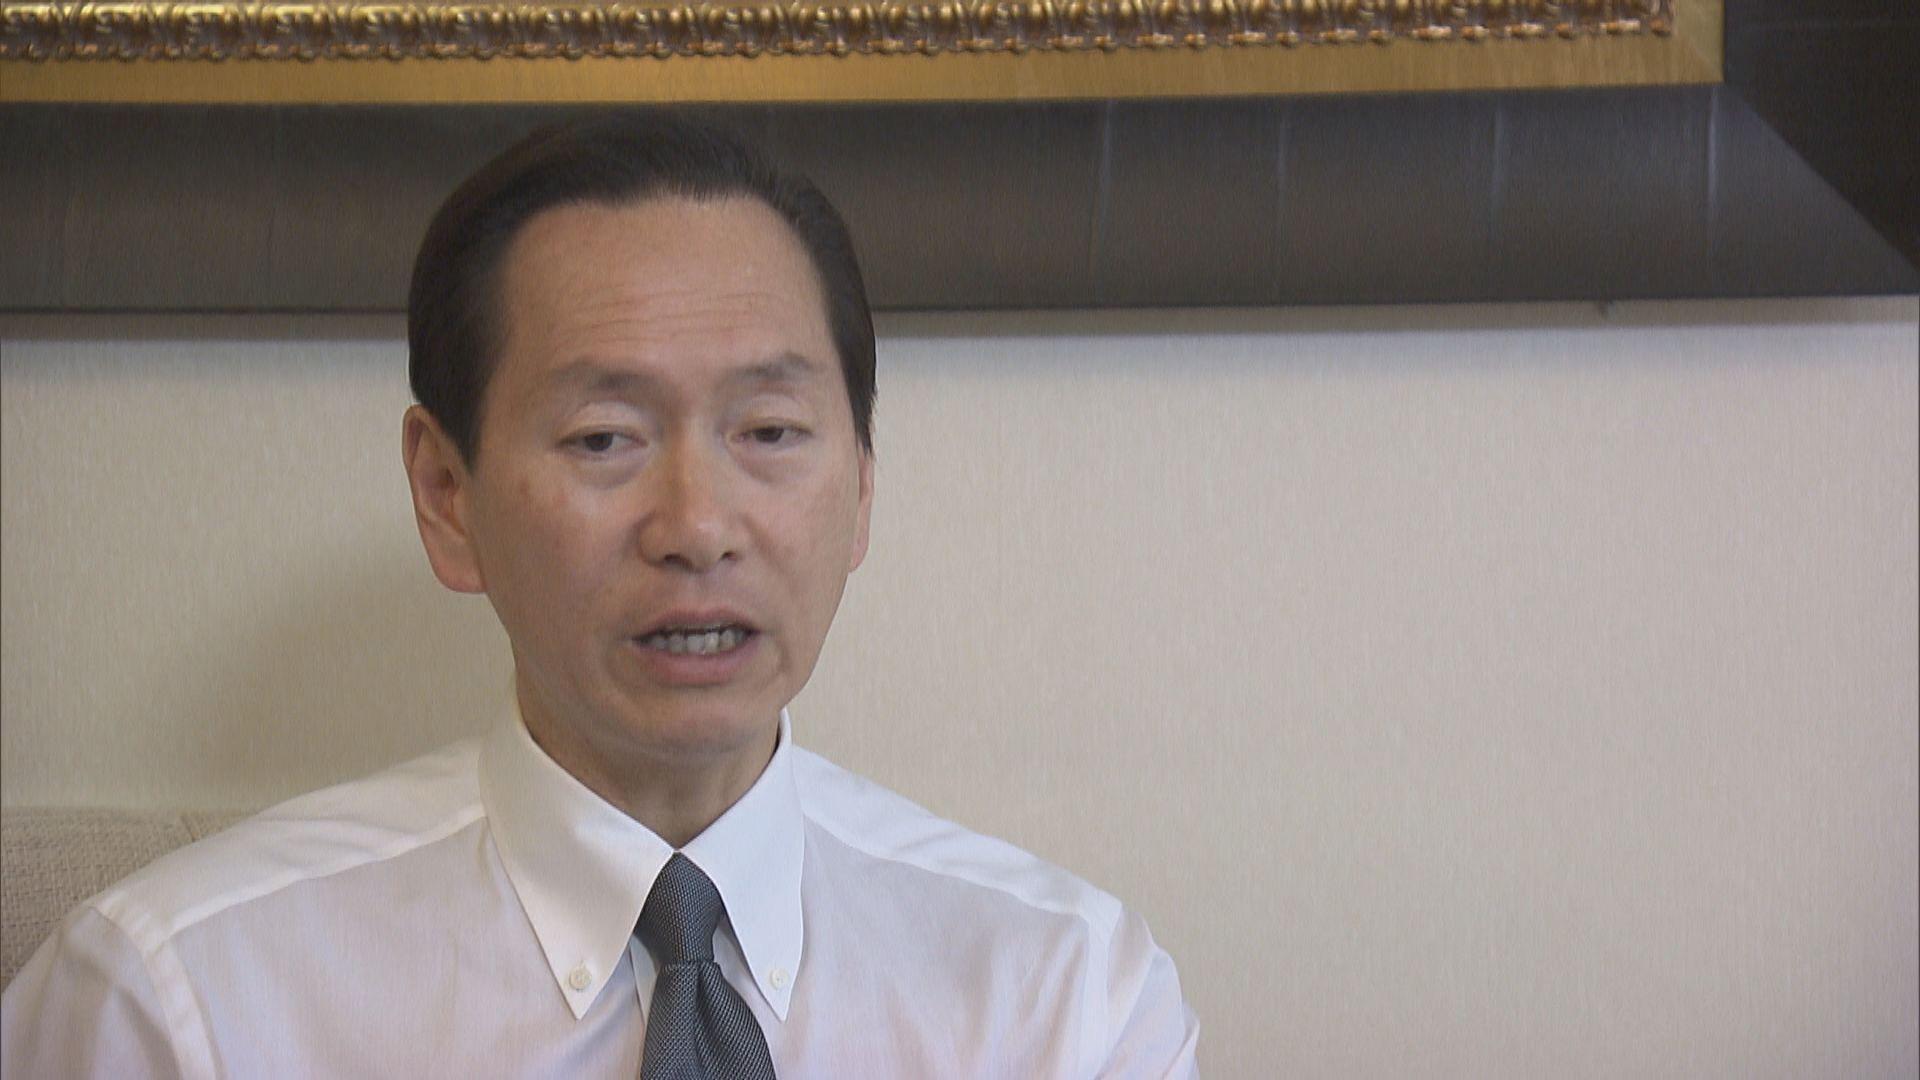 陳智思:不願看到有紀律部隊以外的人執法